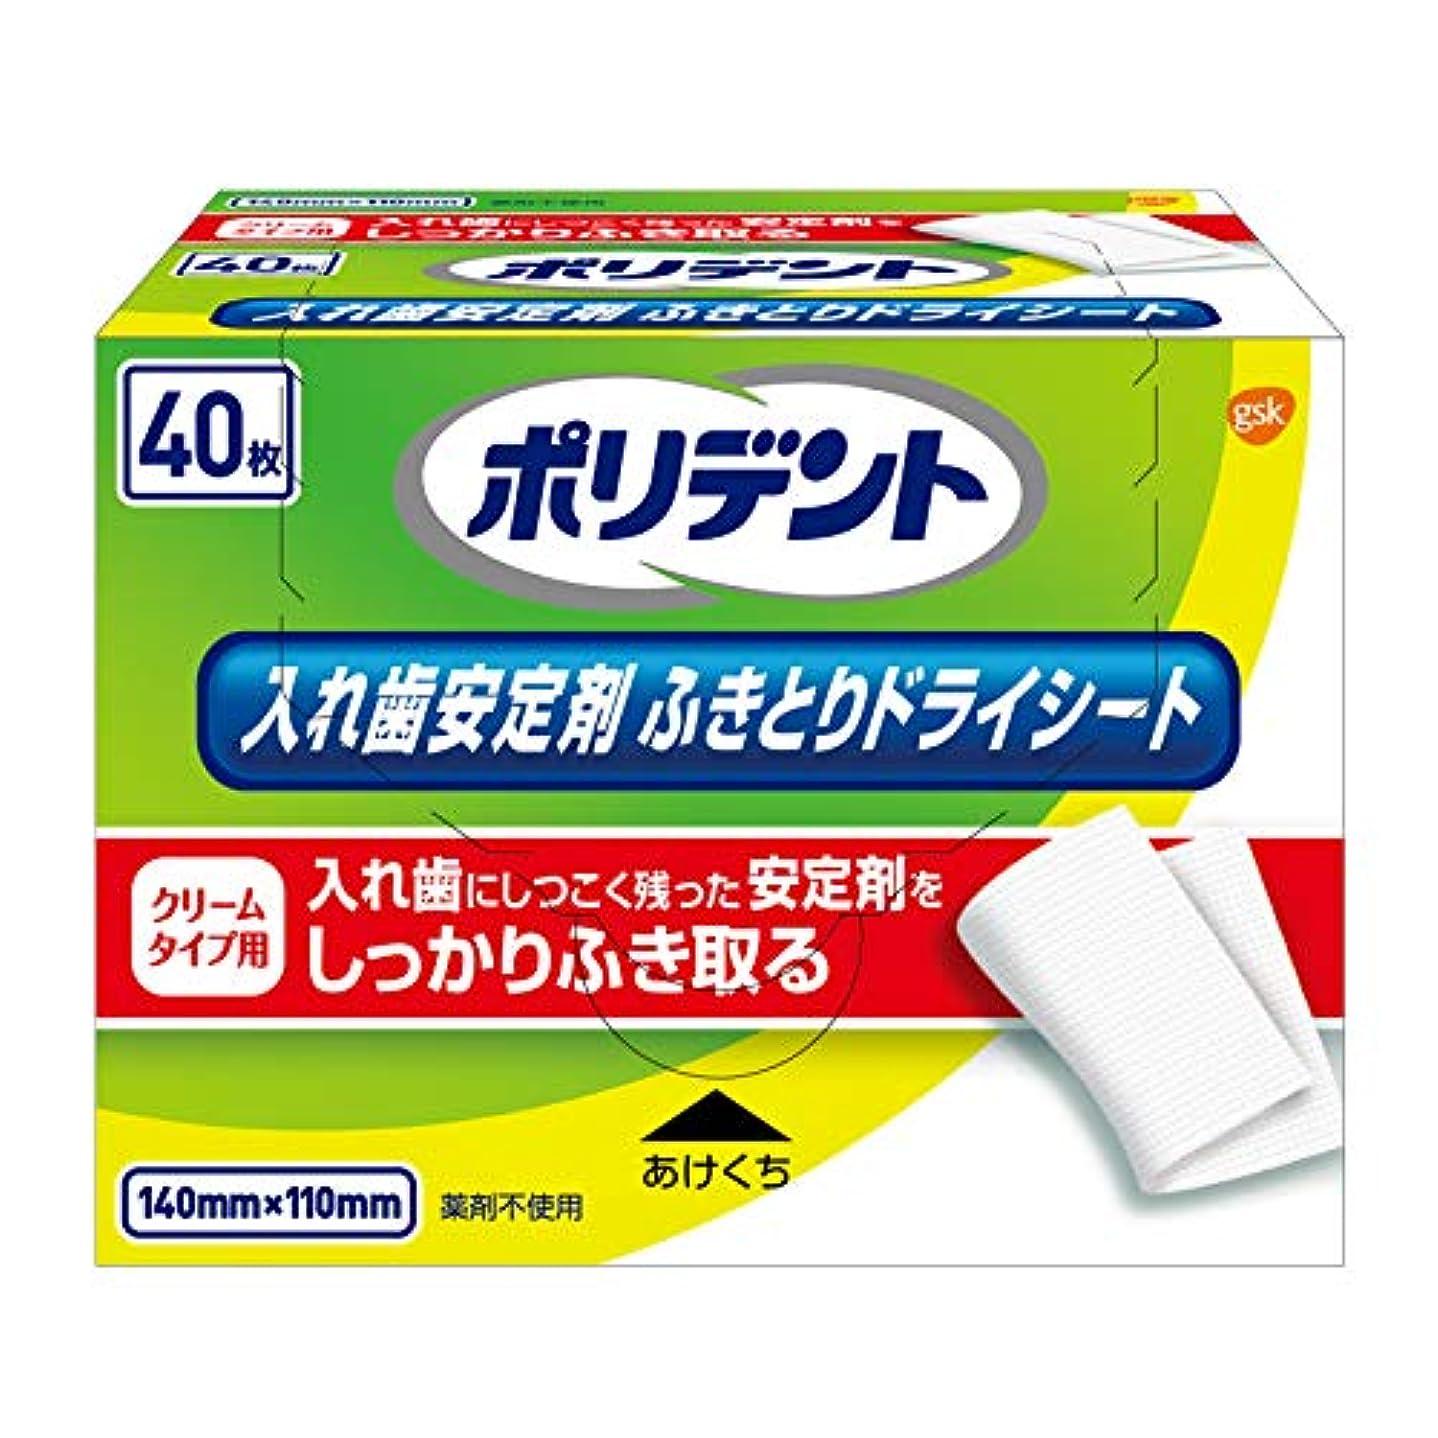 分析的な層世界ポリデント 入れ歯安定剤ふきとりドライシート 40枚